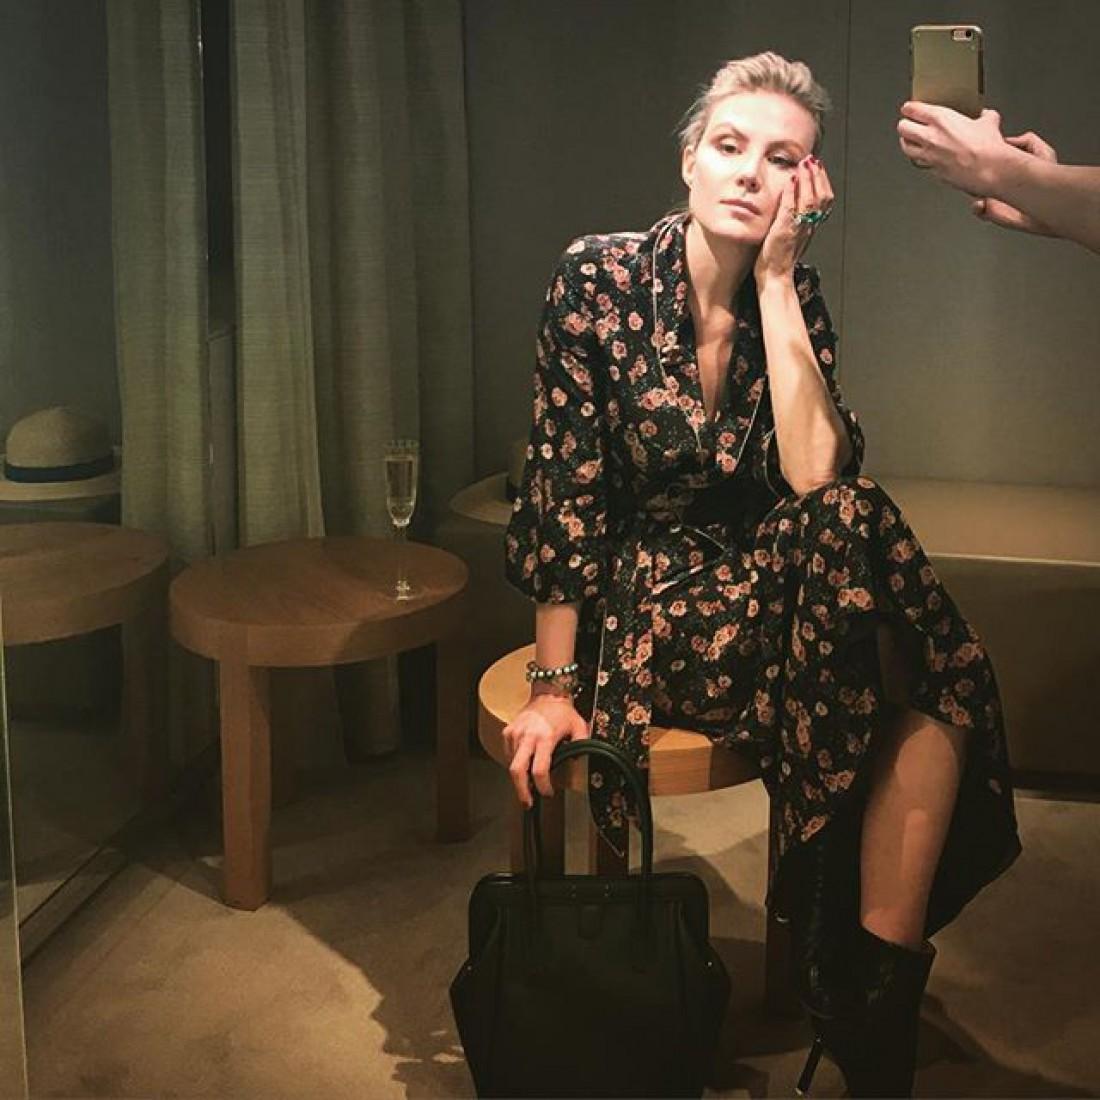 Рената Литвинова отдыхает в Париже